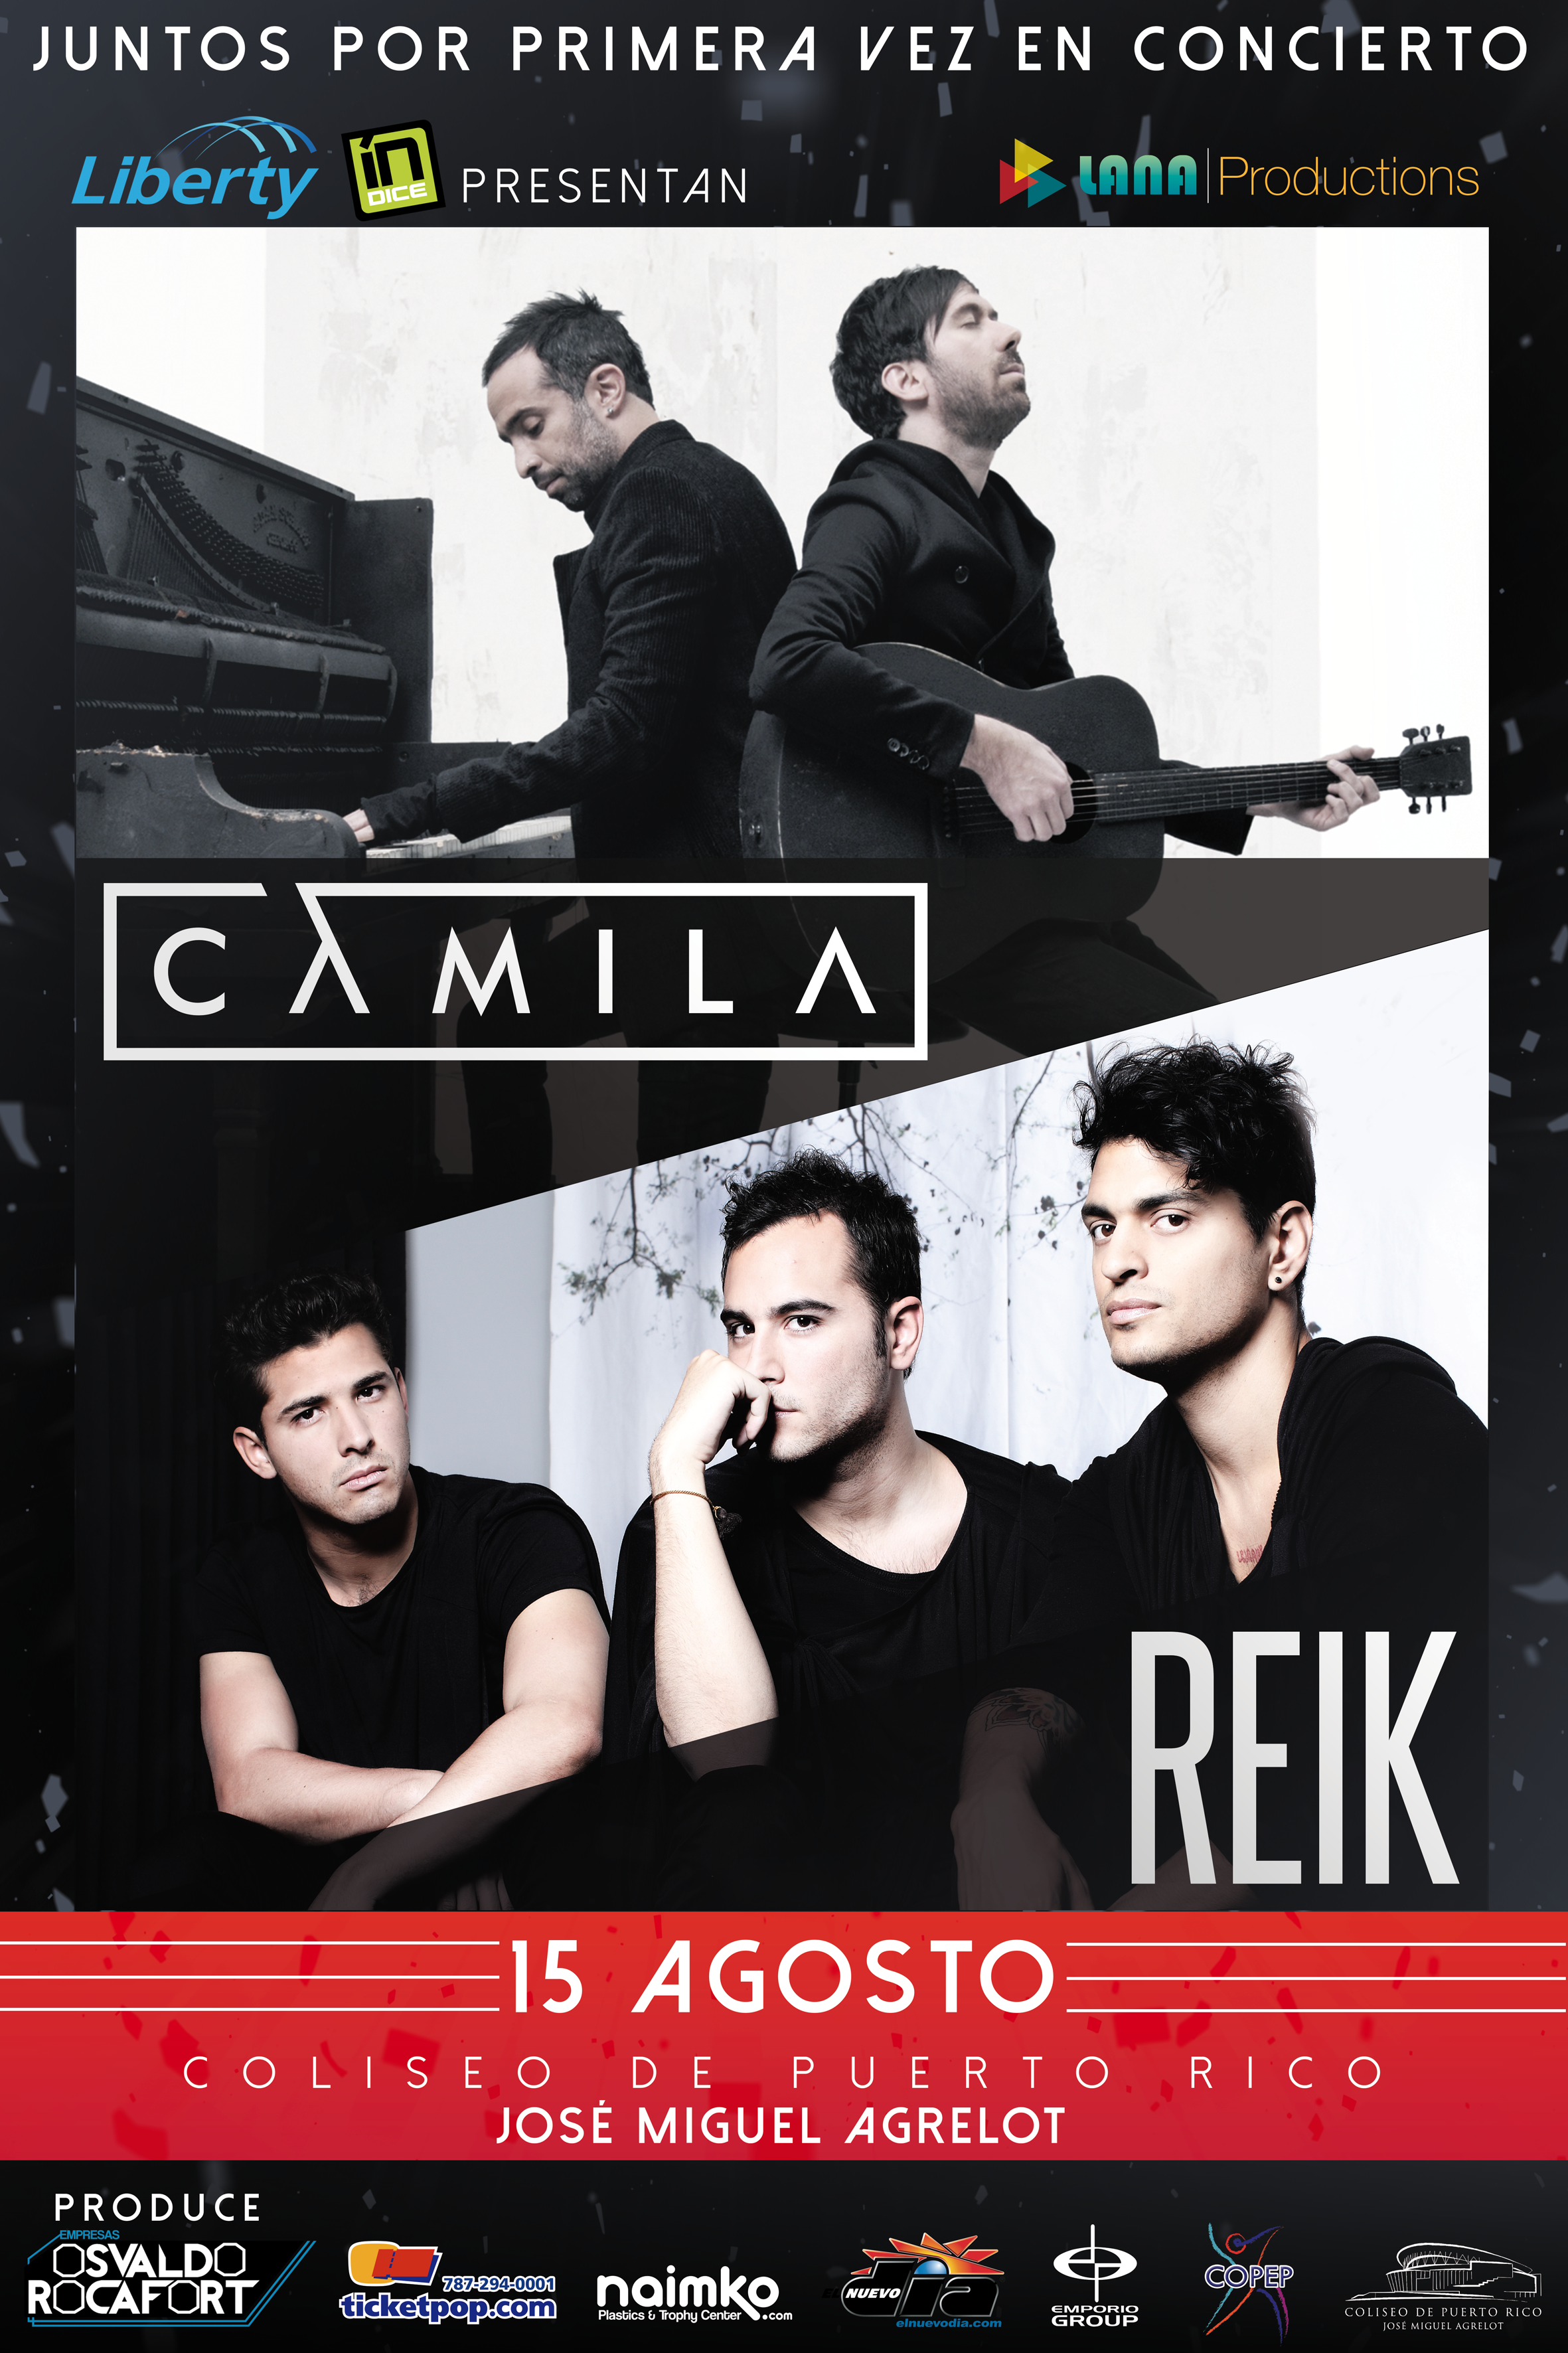 Camila y Reik en concierto